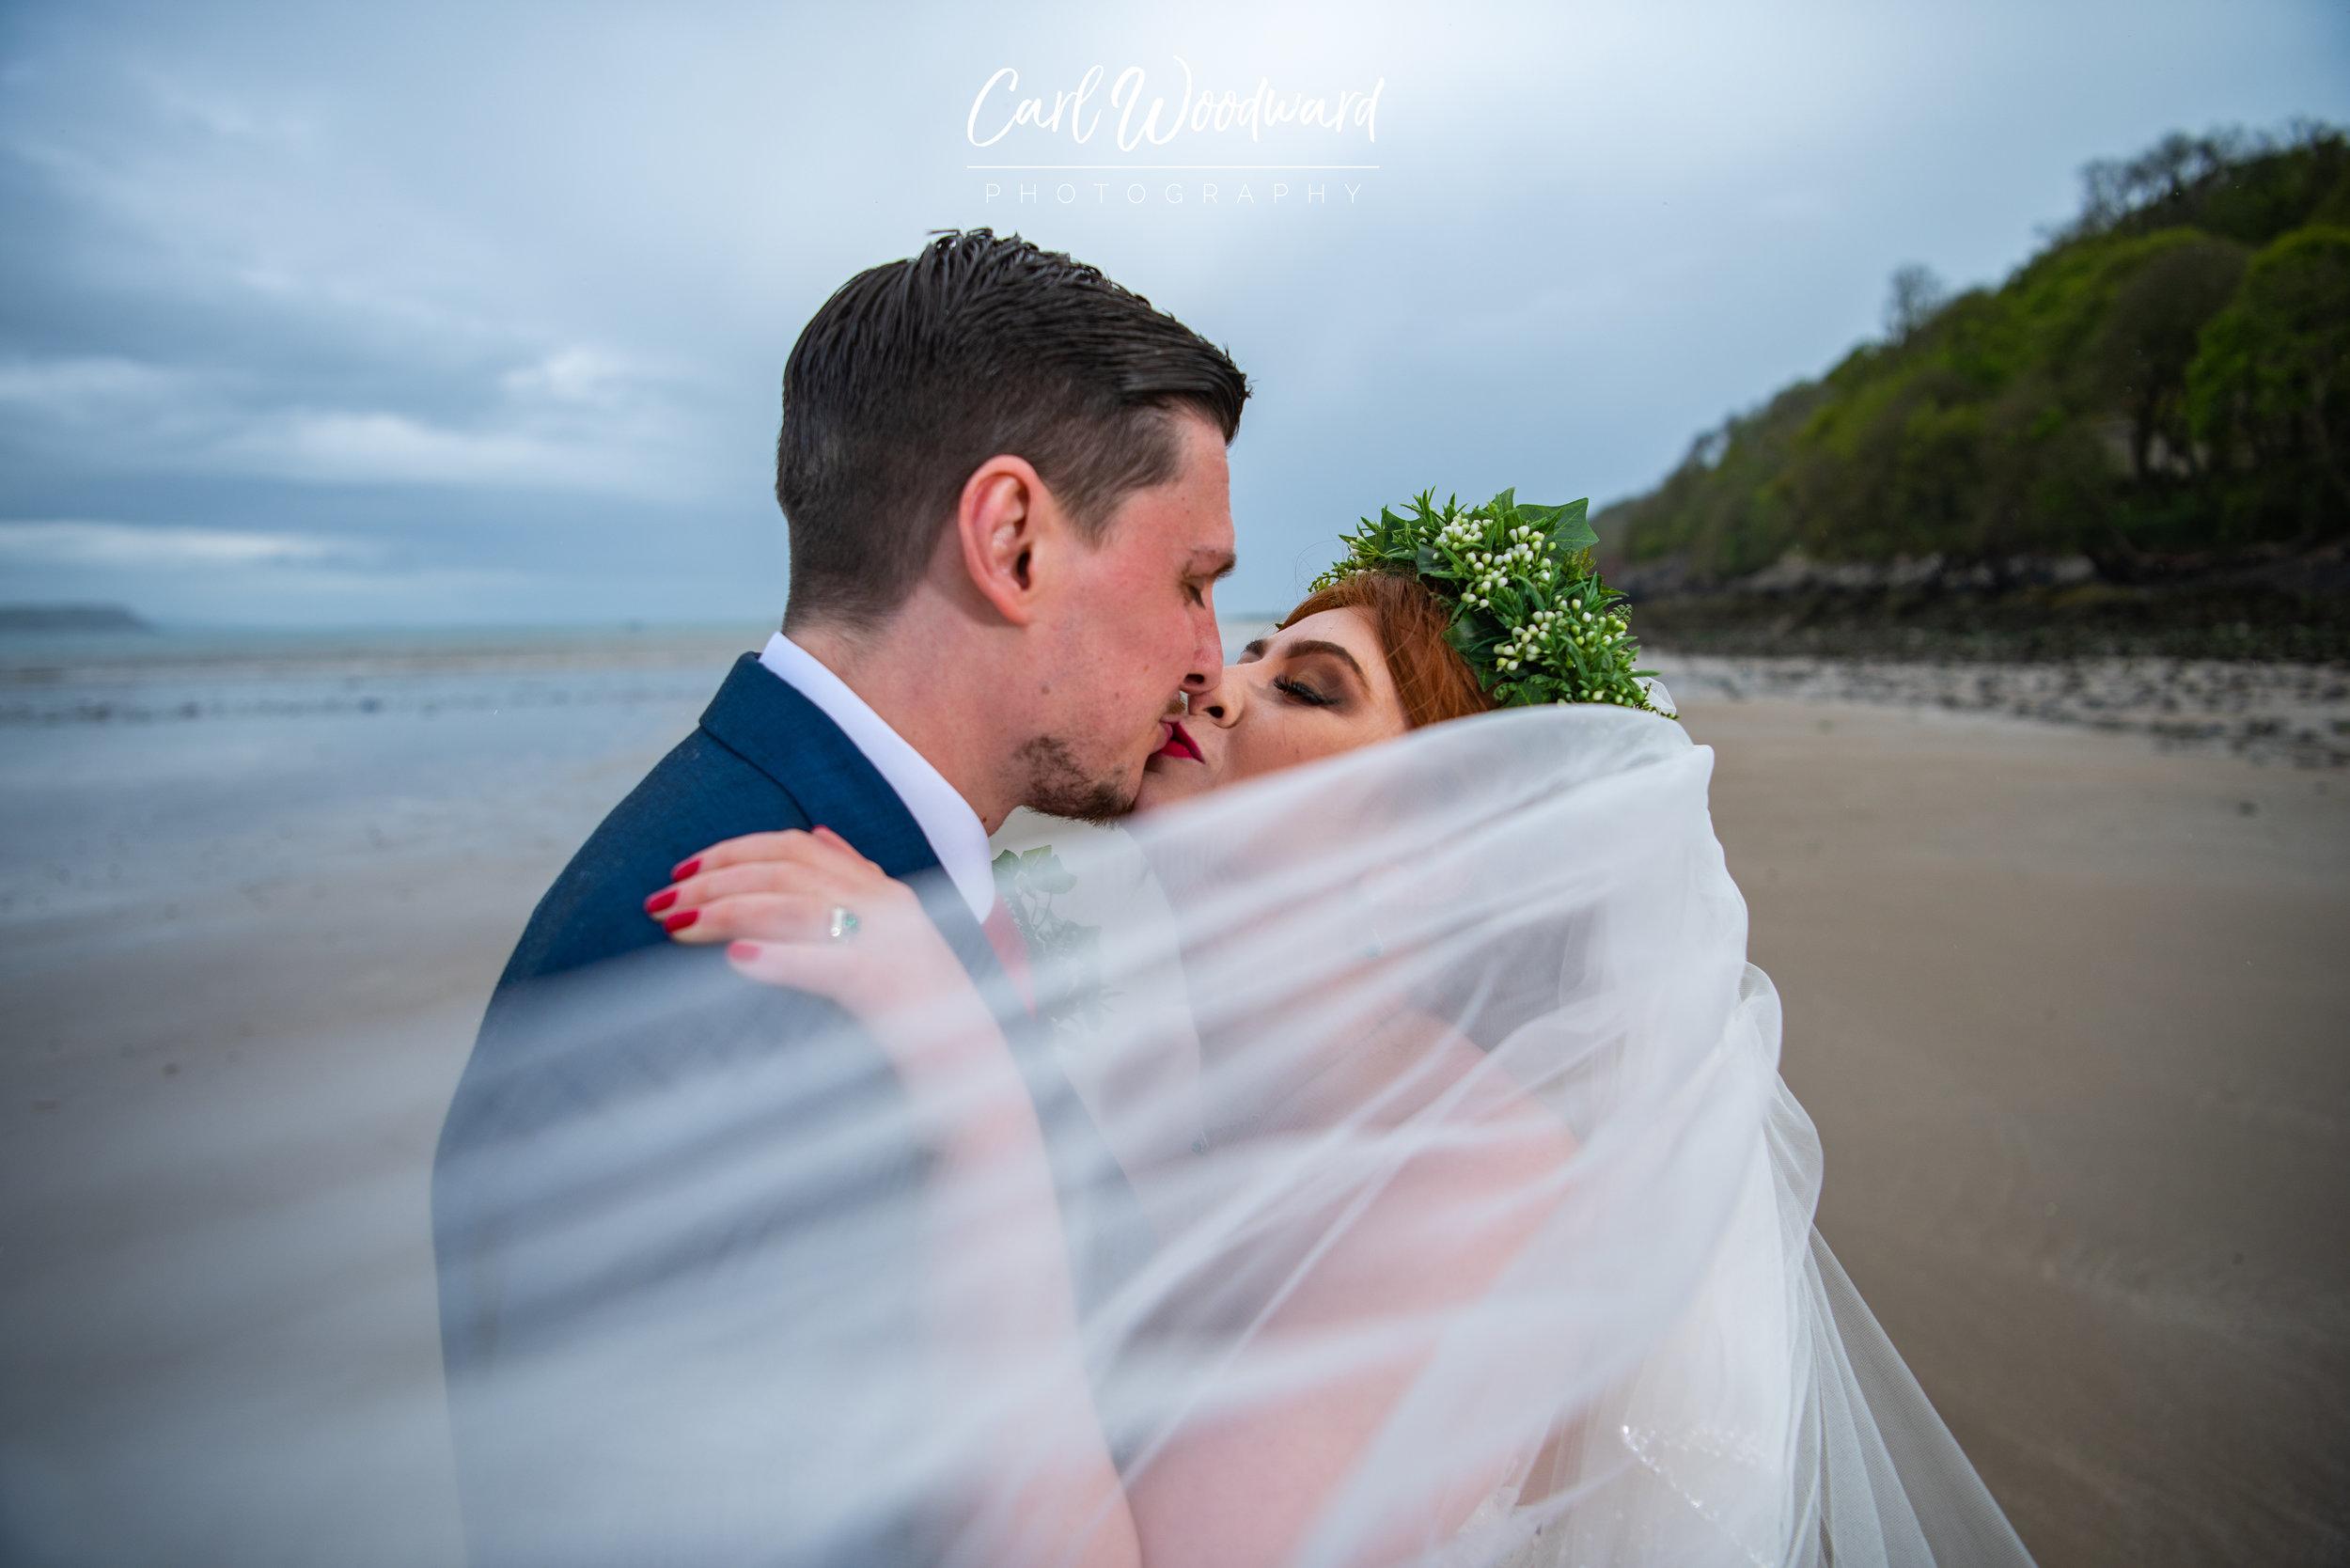 016-Oxwich-Bay-Hotel-Weddings-Cardiff-Wedding-Photography.jpg